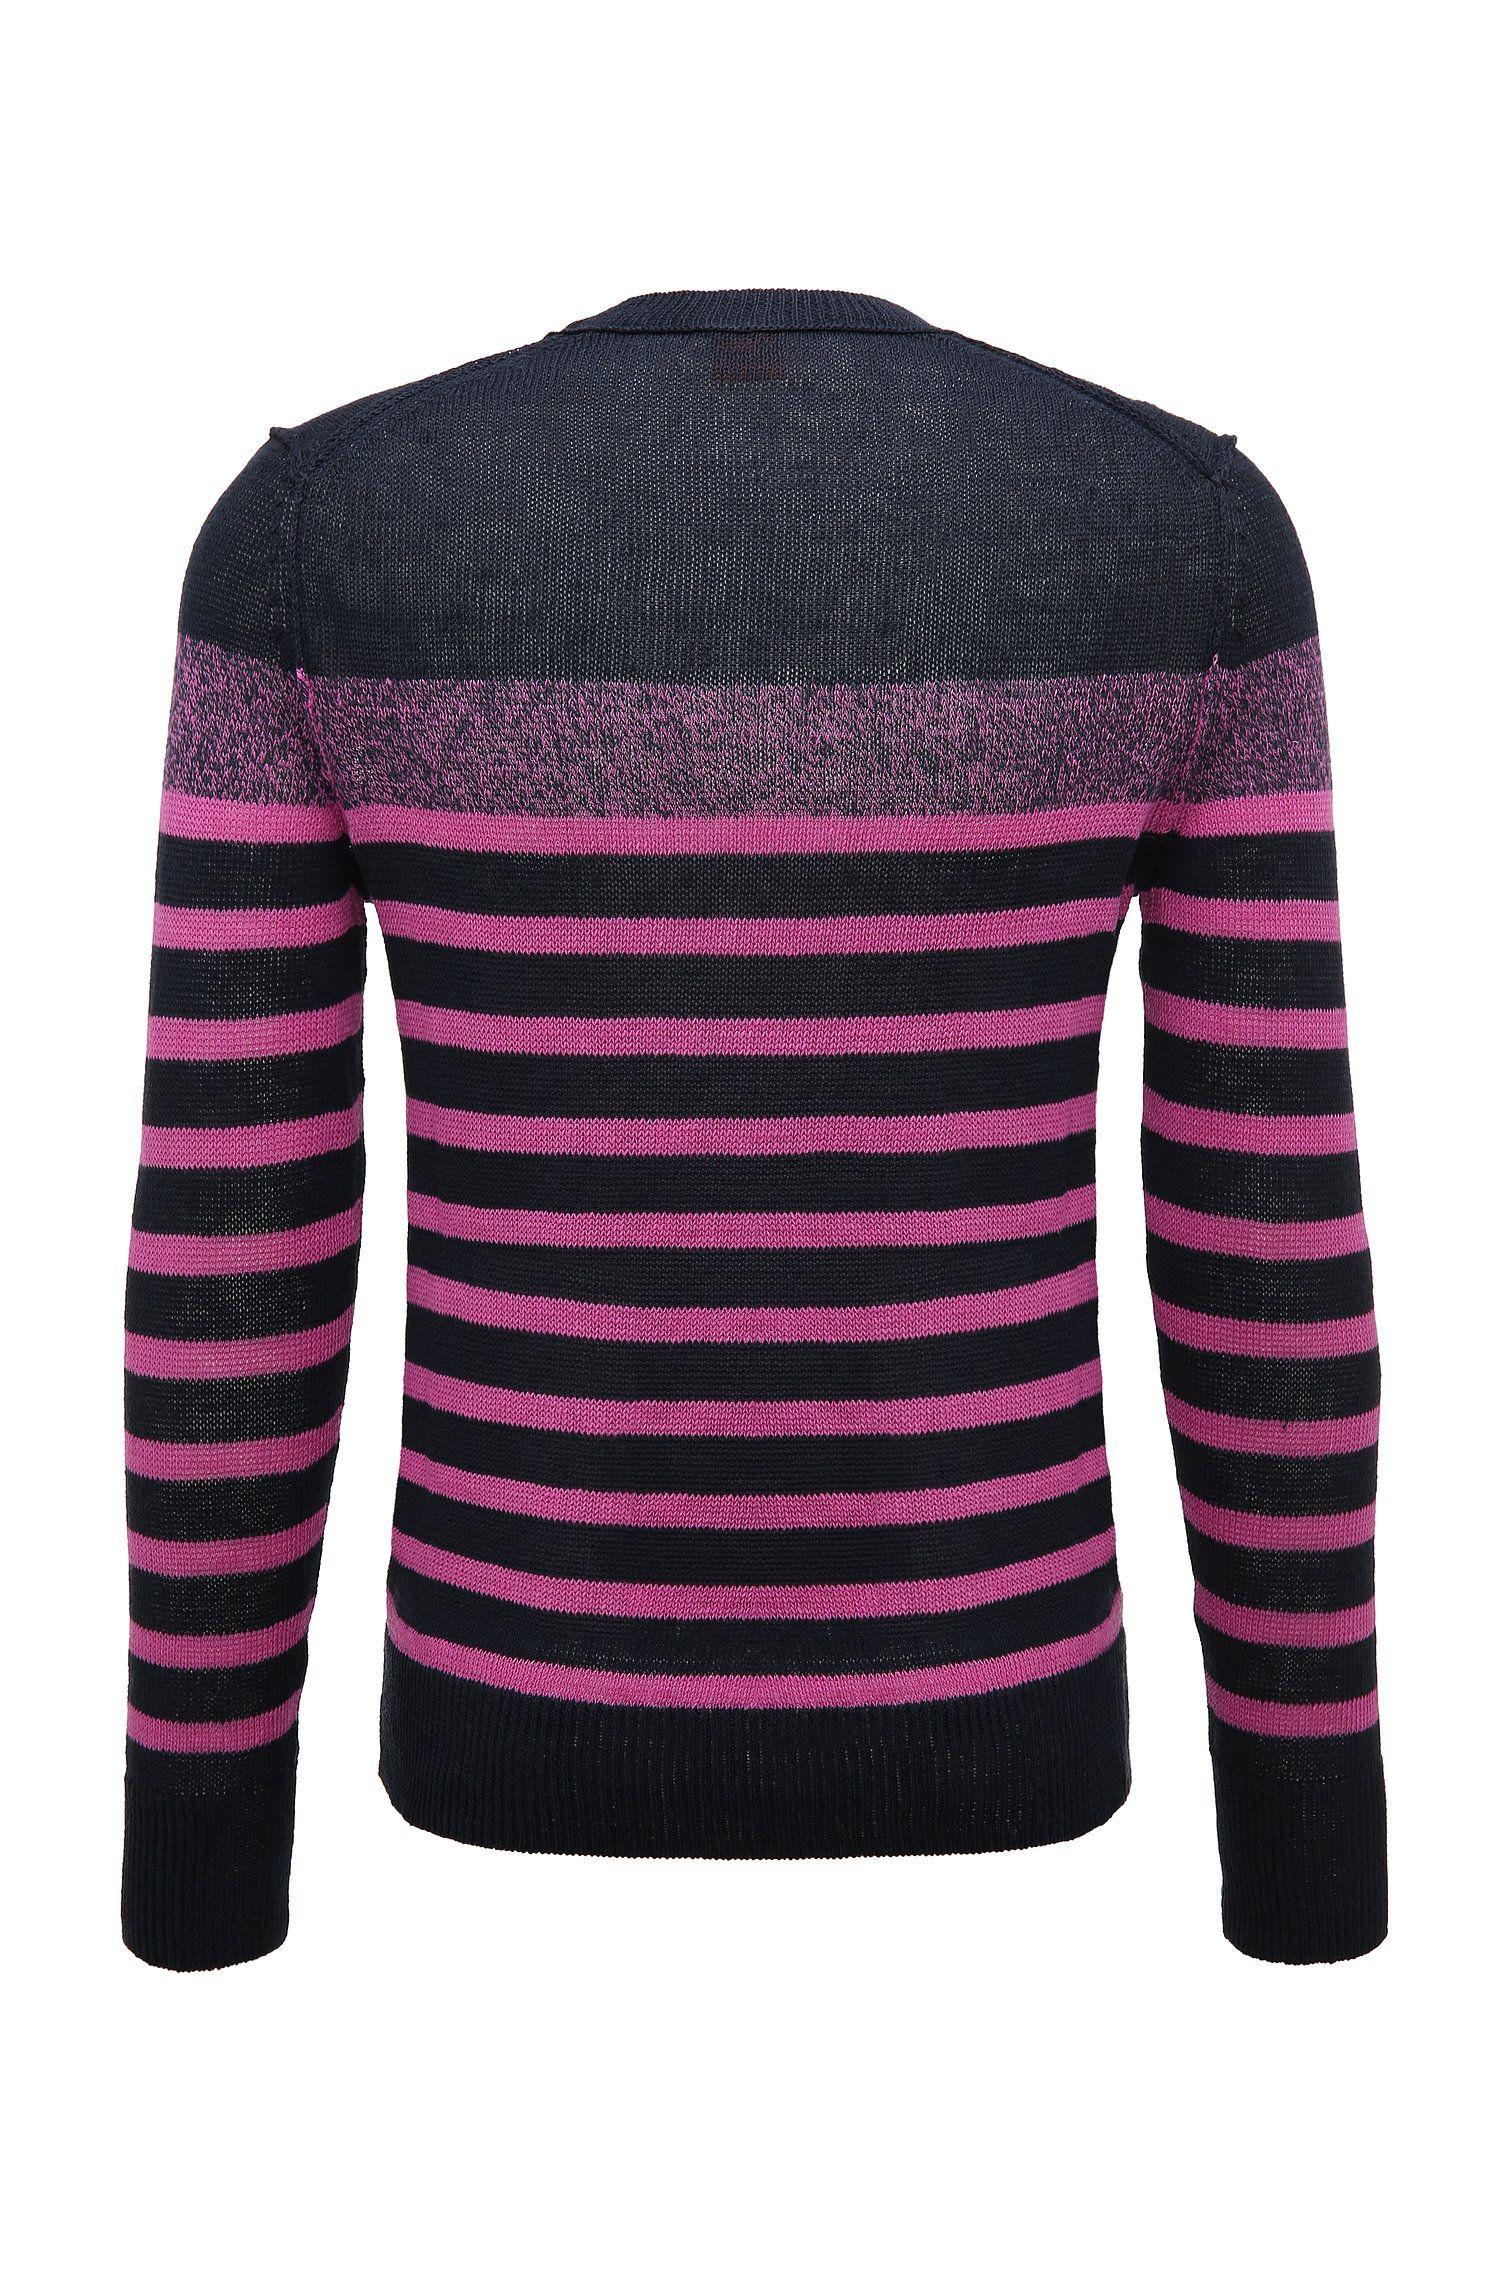 'Krew' | Striped Linen Sweater